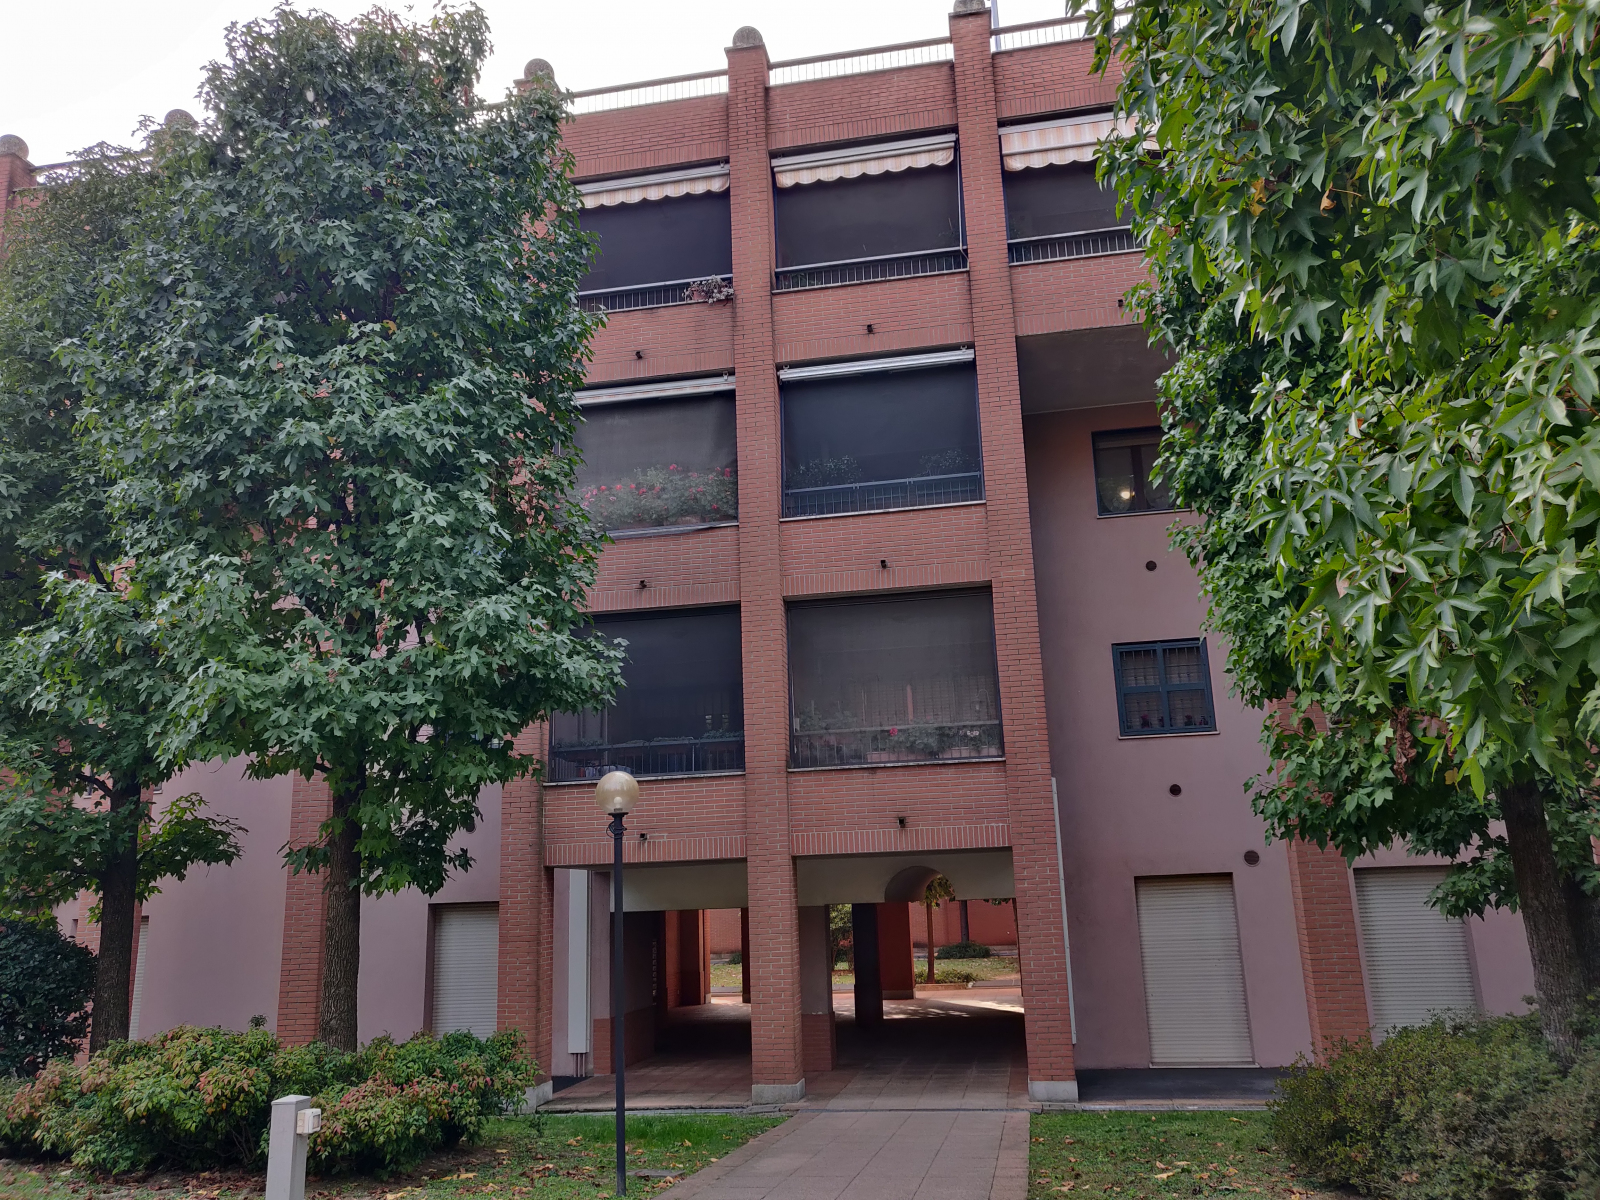 appartamento-3-locali-trilocale-in-vendita-a-milano-san-siro-baggio-forze-armate-spaziourbano-immobiliare-vende-4